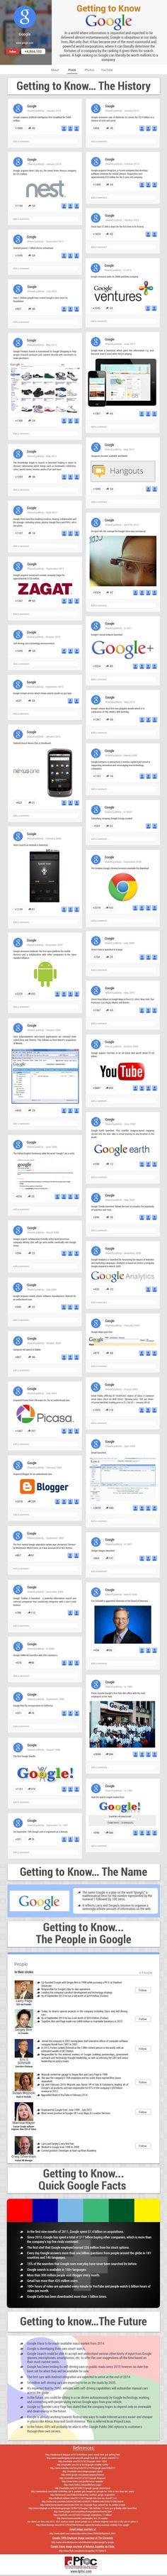 Cronología de Google  Esta infografía explora la historia de Google, que está llena de innovaciones y adquisiciones y como se ha convertido en una de las más poderosas e influyentes corporaciones del mundo. También expone algunos datos interesantes y una visión de la posible evolución futura de la empresa.